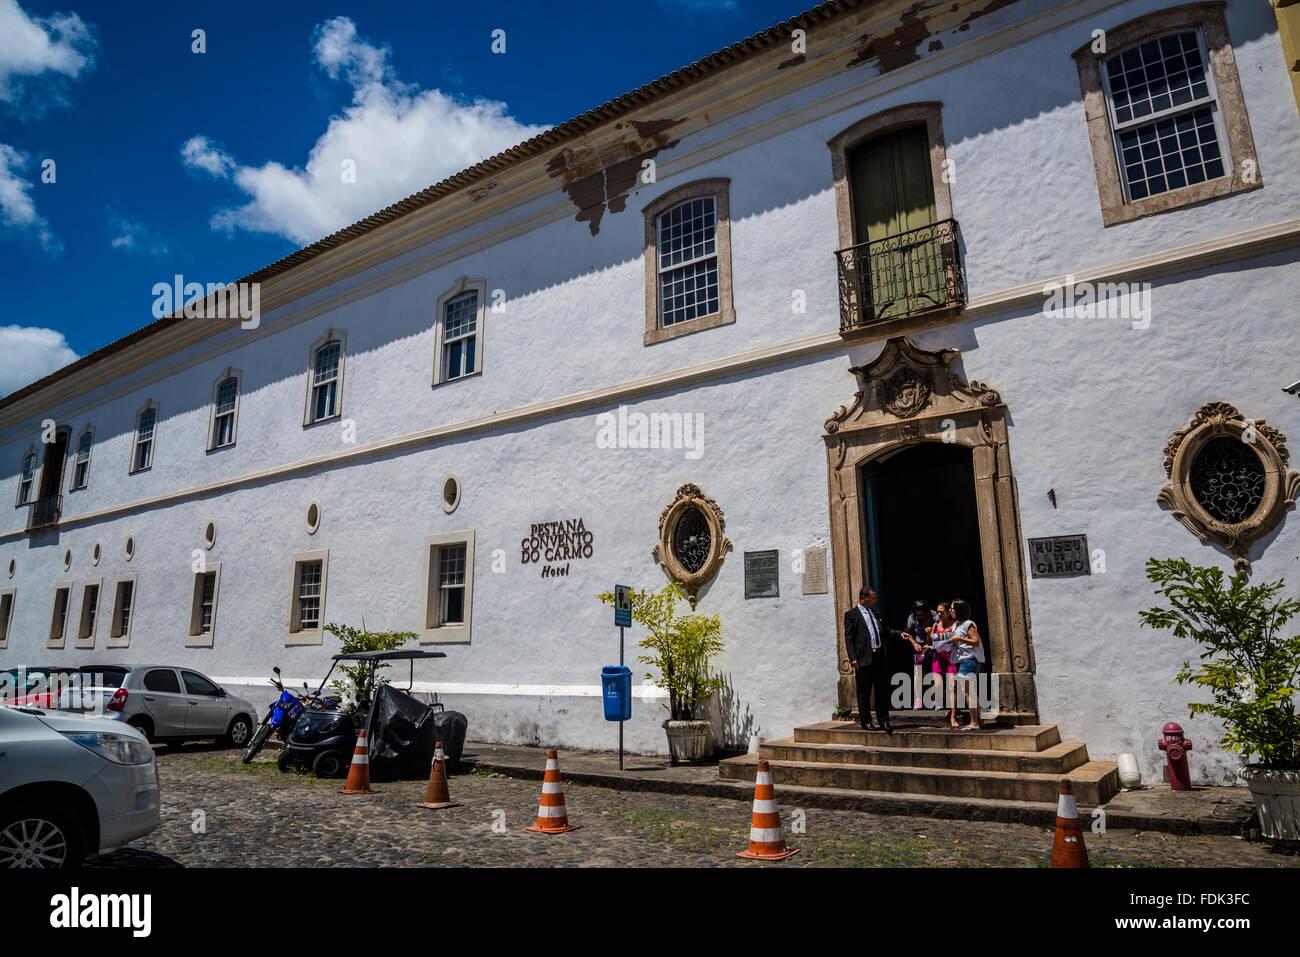 Pestana Convento do Carmo 5-star Hotel, Salvador, Bahia, Brazil - Stock Image